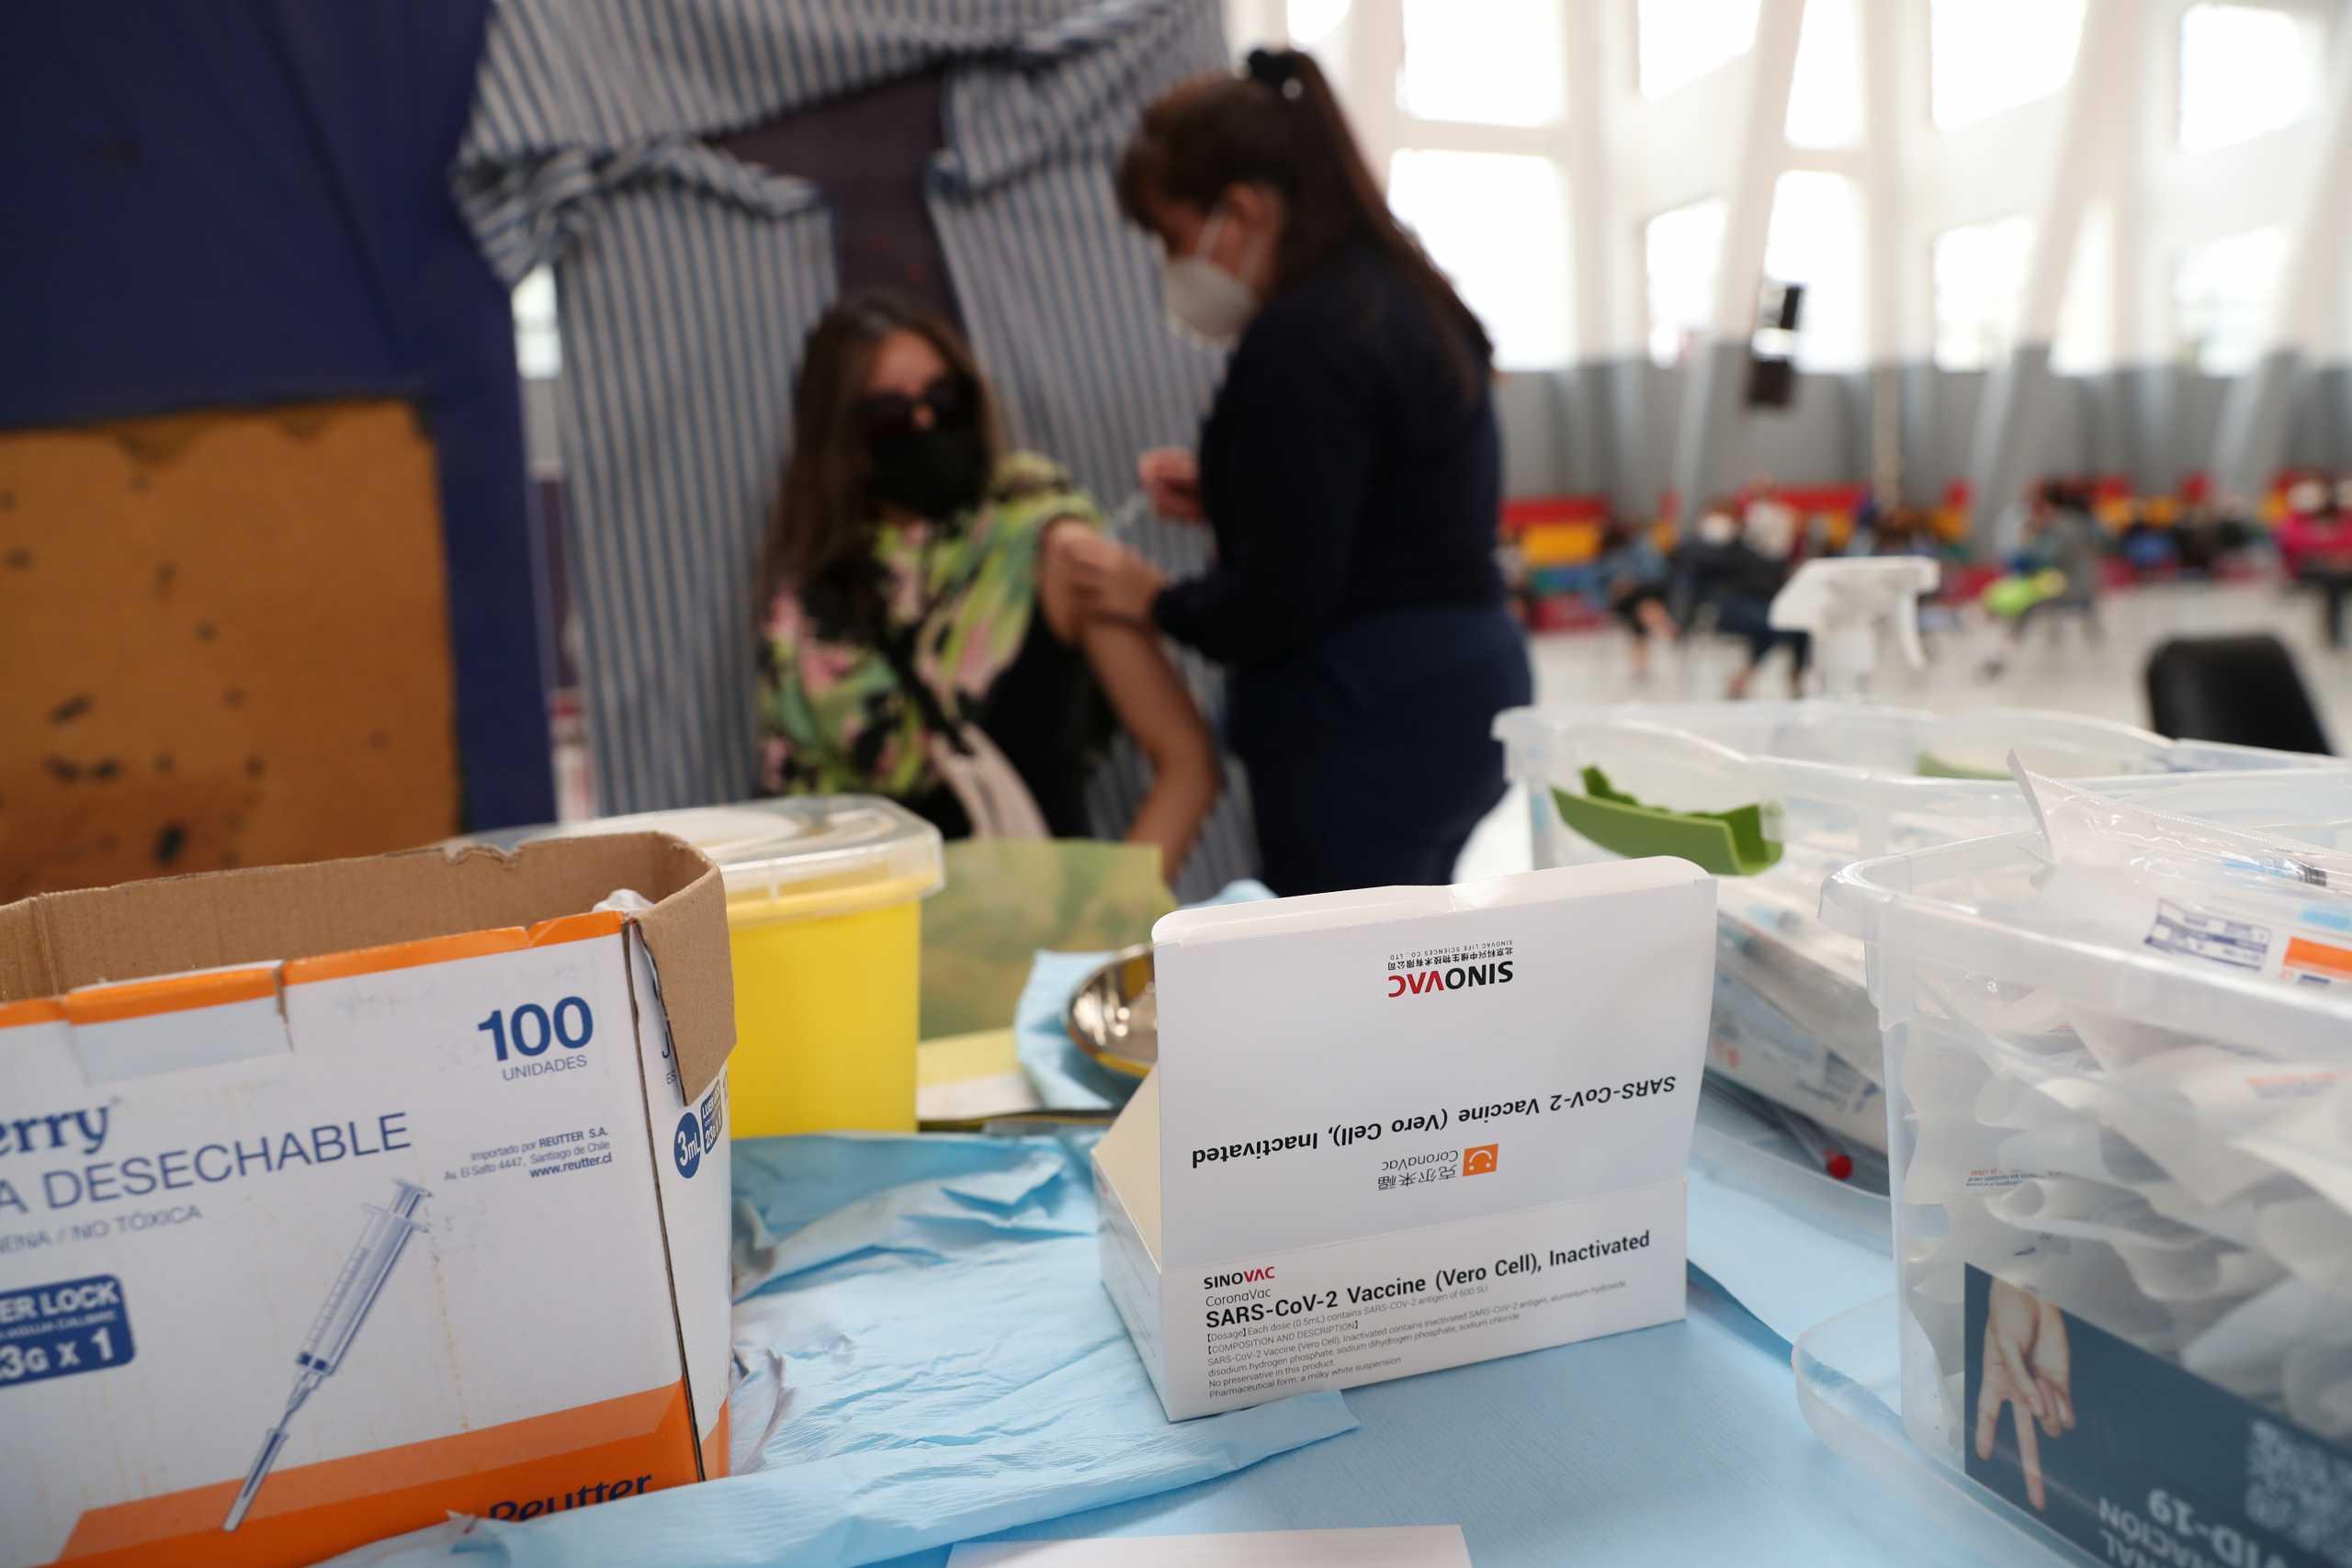 Φιλιππίνες: Άδεια κατεπείγουσας χρήσης στο κινεζικό εμβόλιο κατά του κορονοϊού